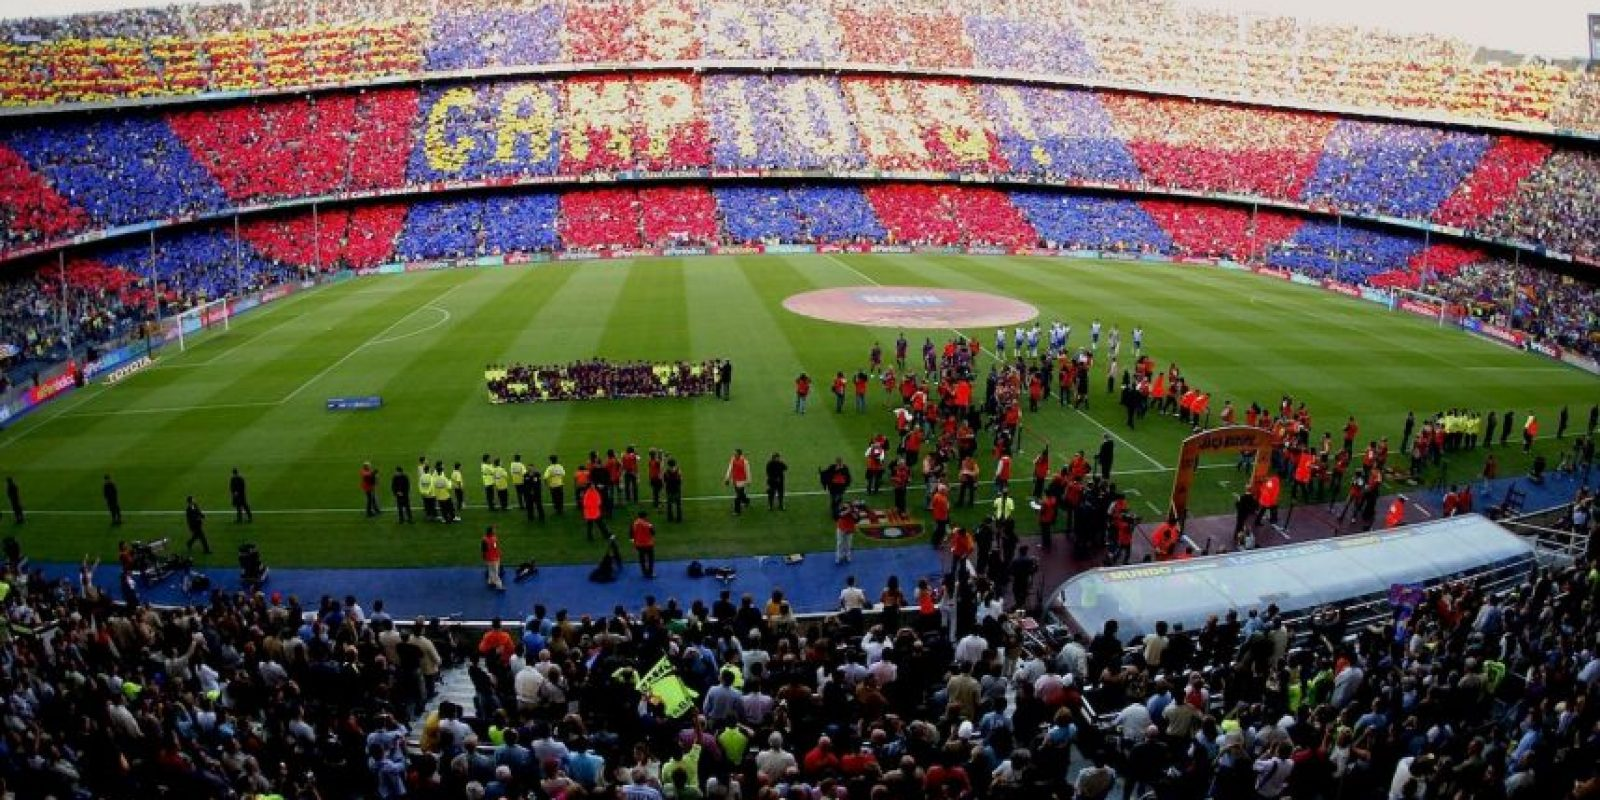 El Camp Nou será la sede de esta edición del Clásico de España. Foto:Getty Images